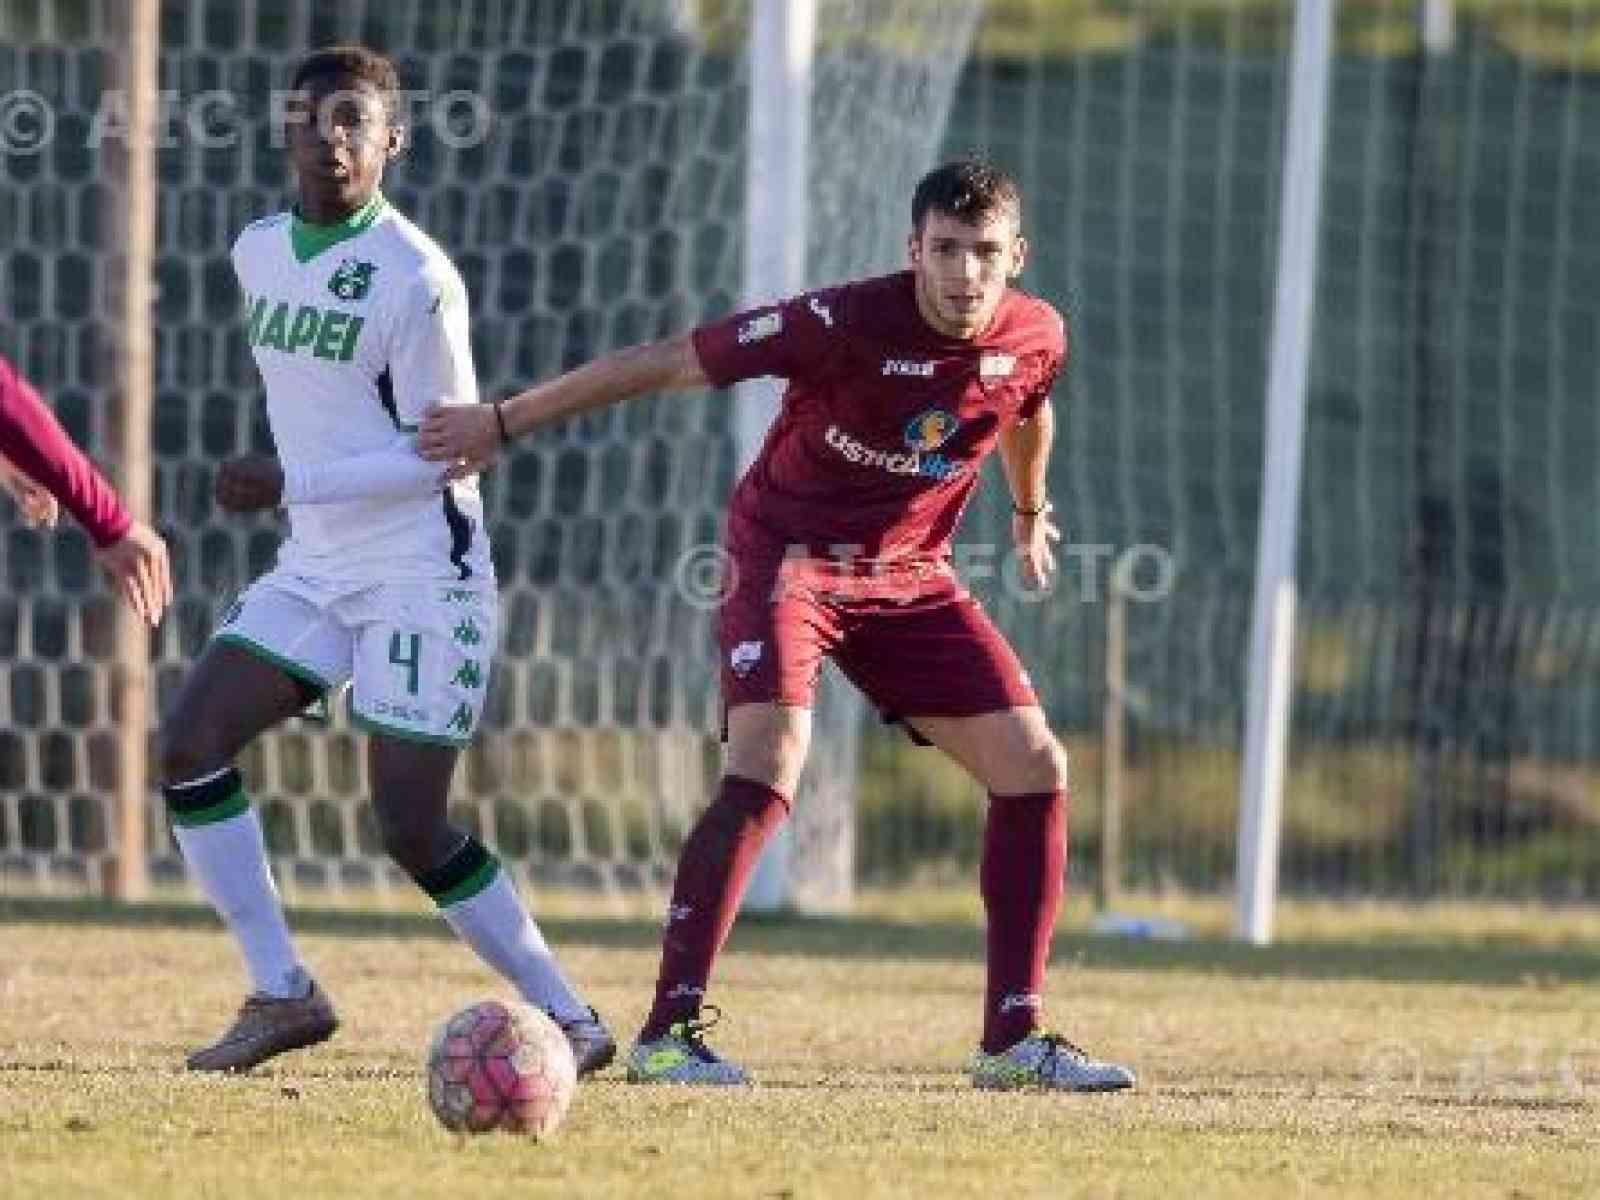 Calcio: Serie B. Cosmi, CT del Trapani, convoca il giovane attaccante menfitano Mistretta